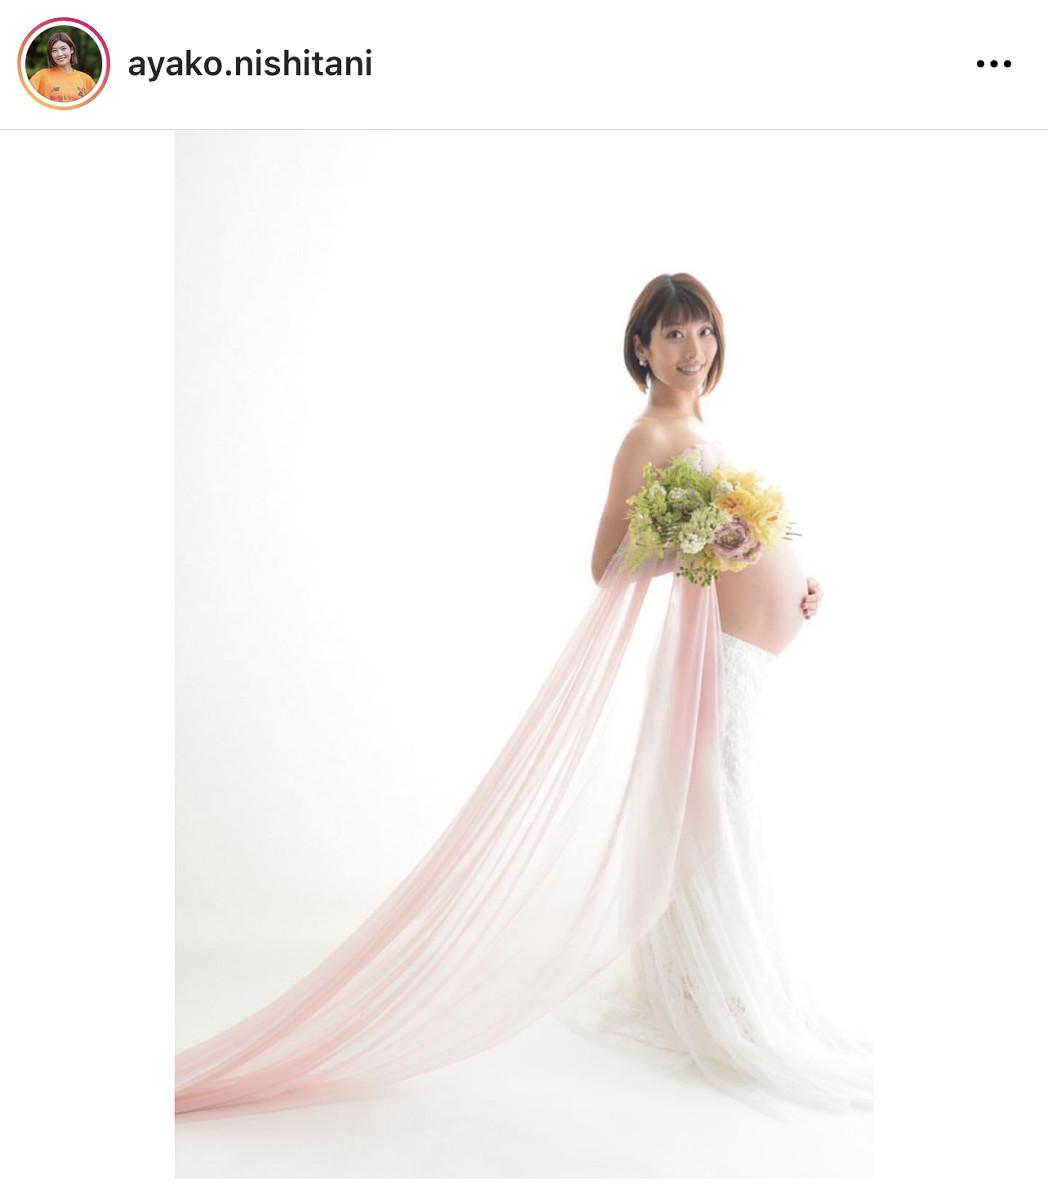 西谷綾子、マタニティフォト公開「美しすぎます」とファン絶賛 : スポーツ報知